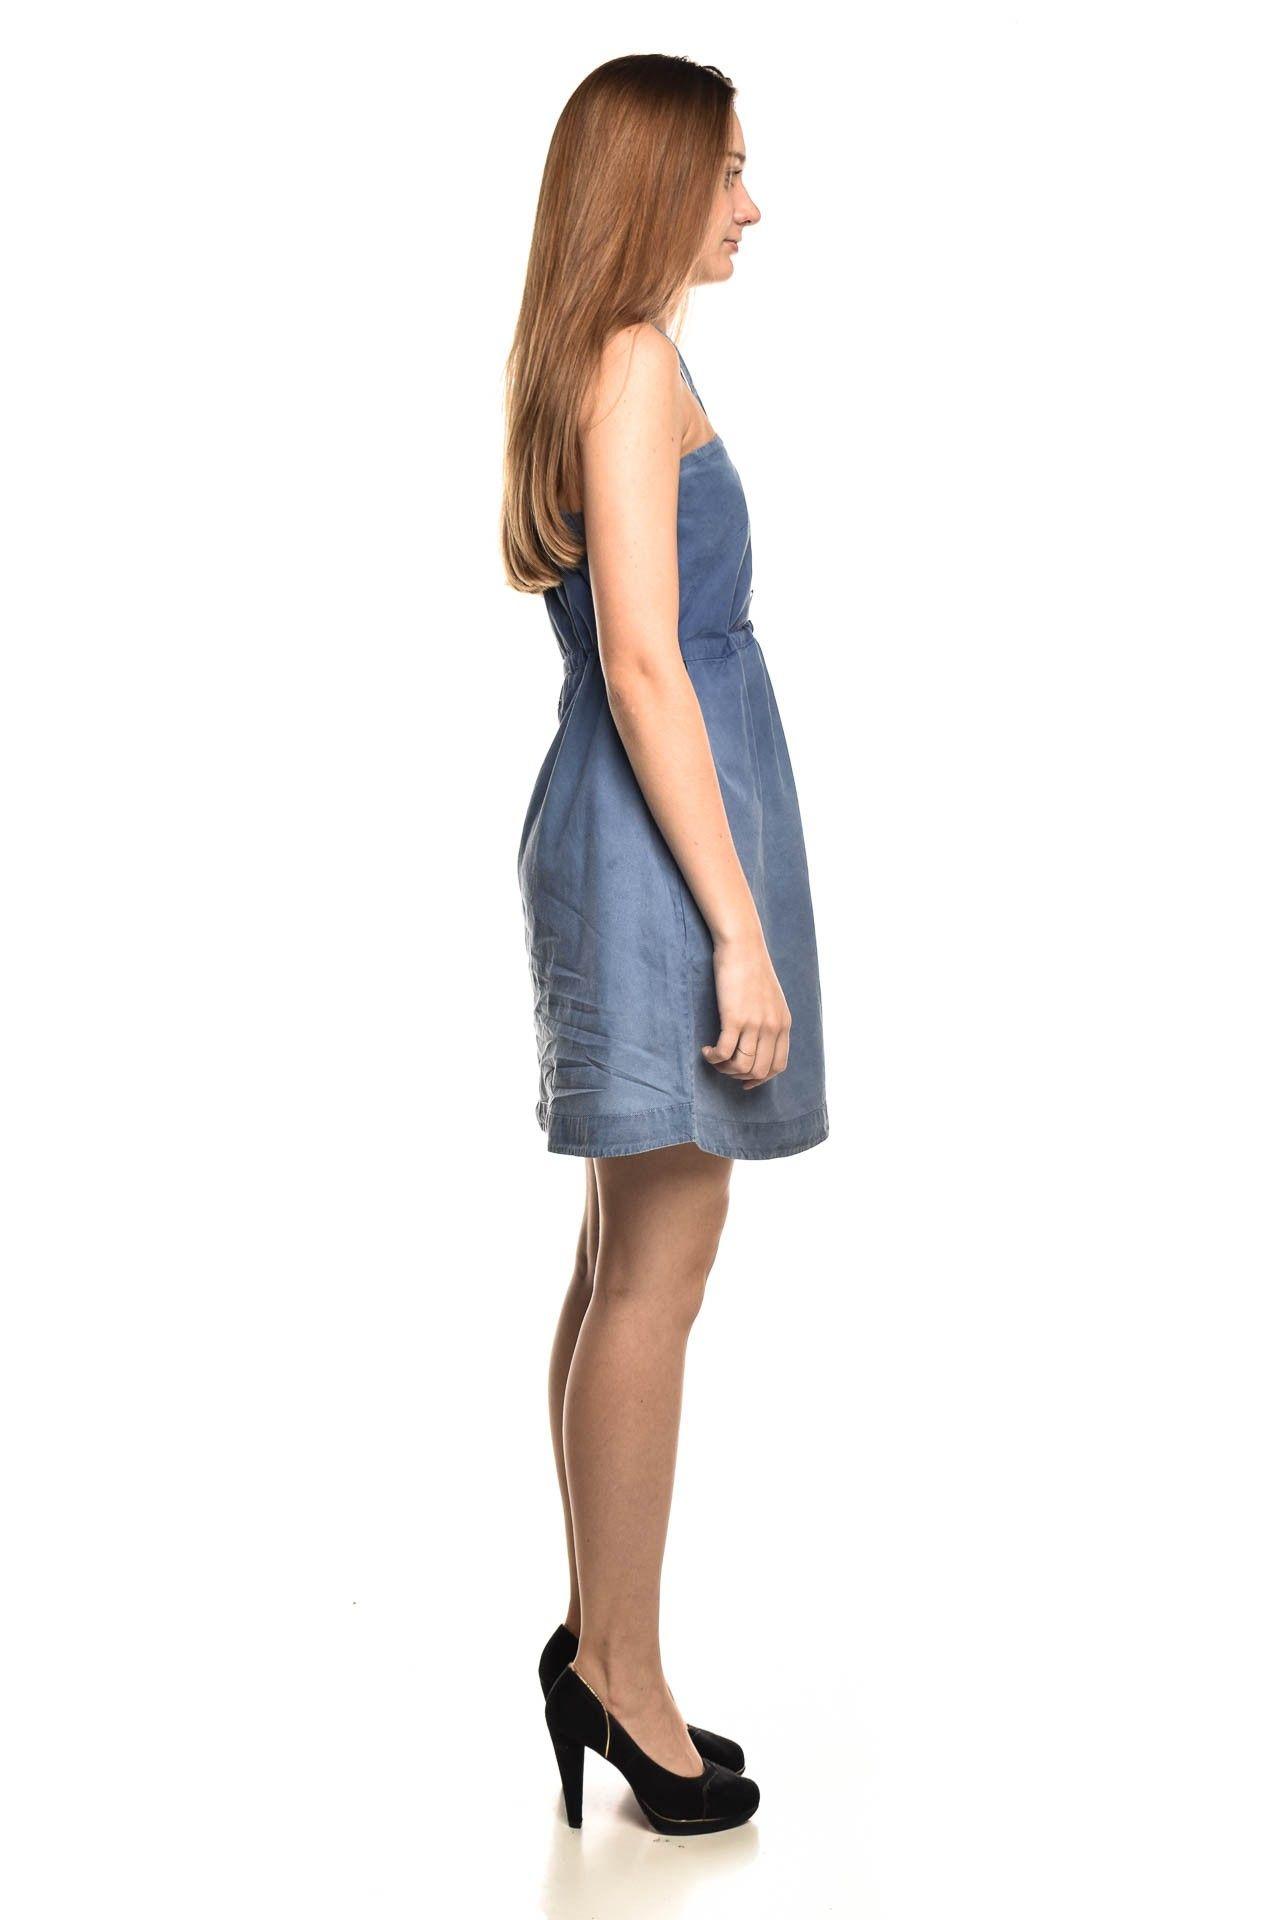 Osklen - Vestido Jeans Azul - Foto 3